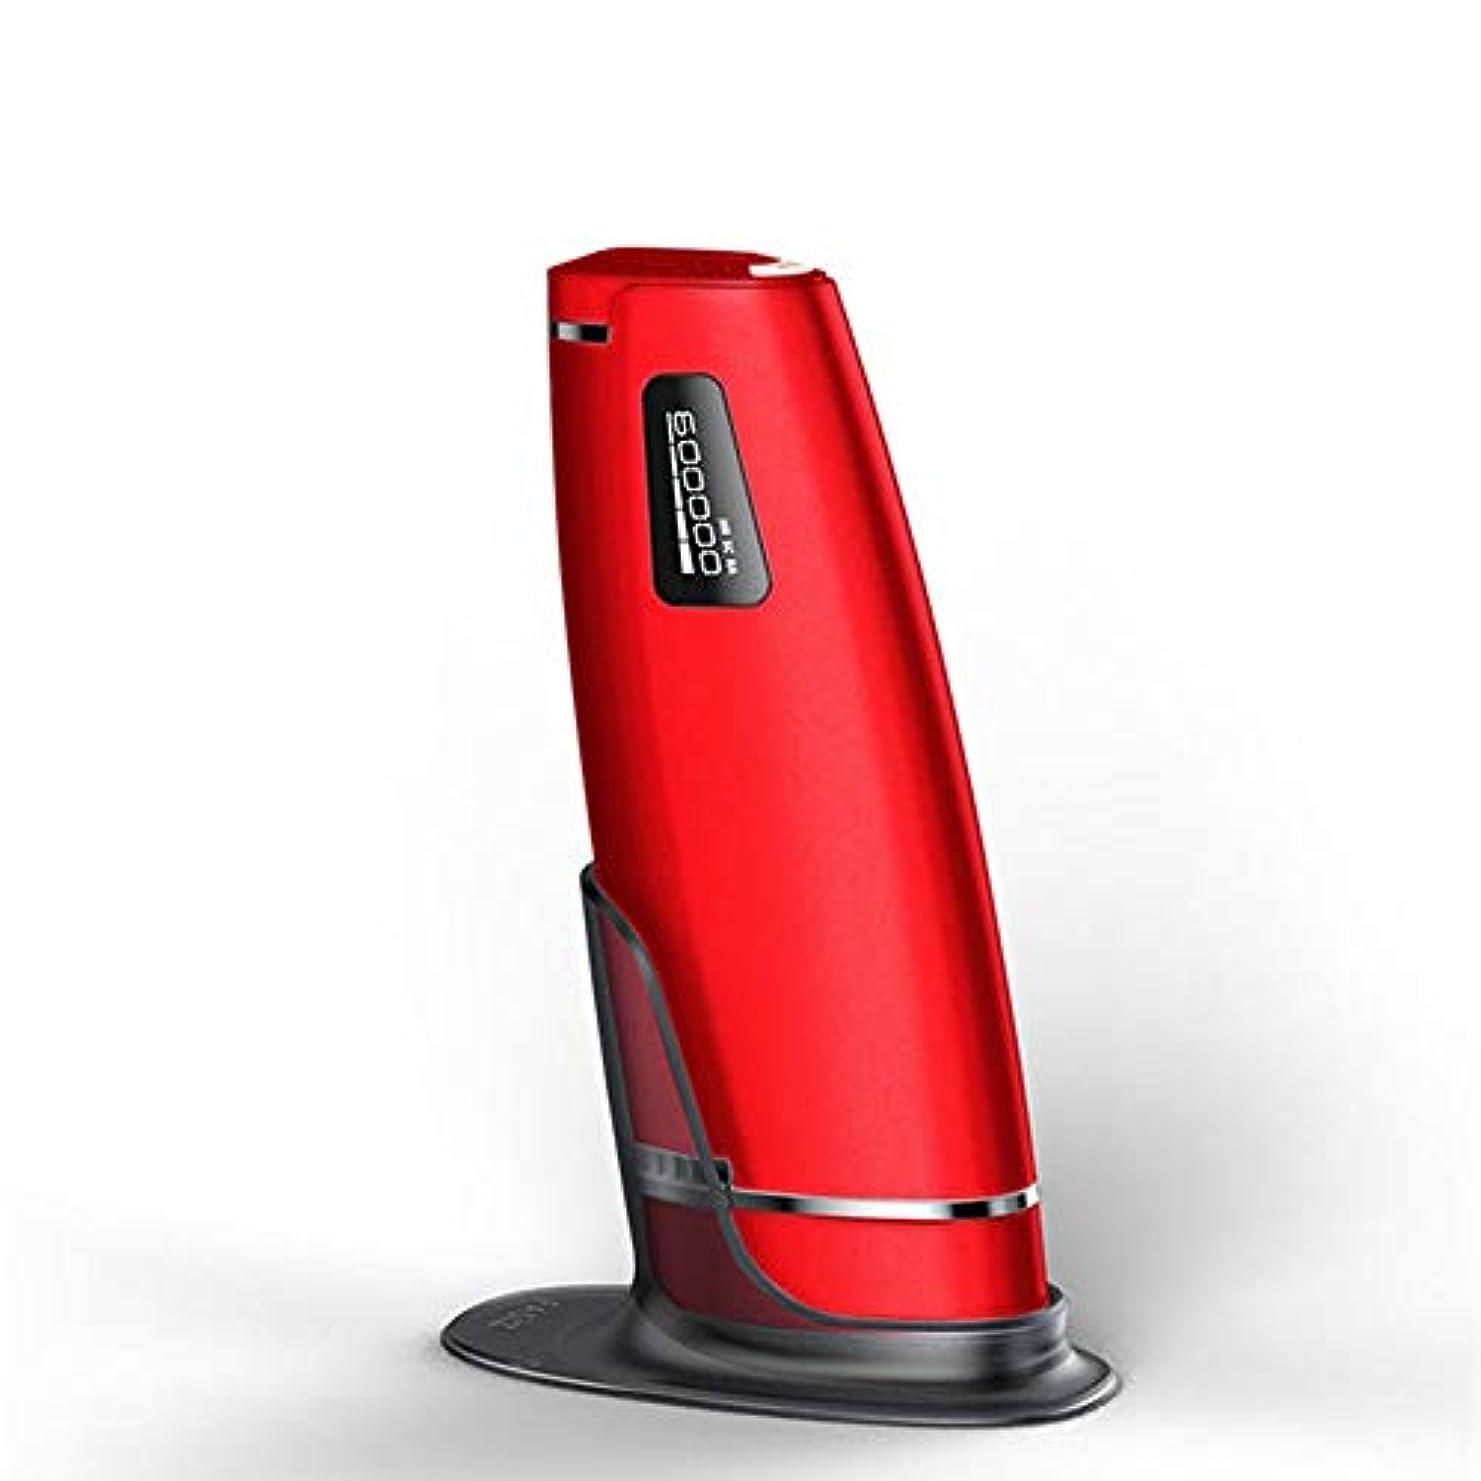 暗黙膜頭赤、デュアルモード、ホームオートマチック無痛脱毛剤、携帯用永久脱毛剤、5スピード調整、サイズ20.5 X 4.5 X 7 Cm 安全性 (Color : Red)